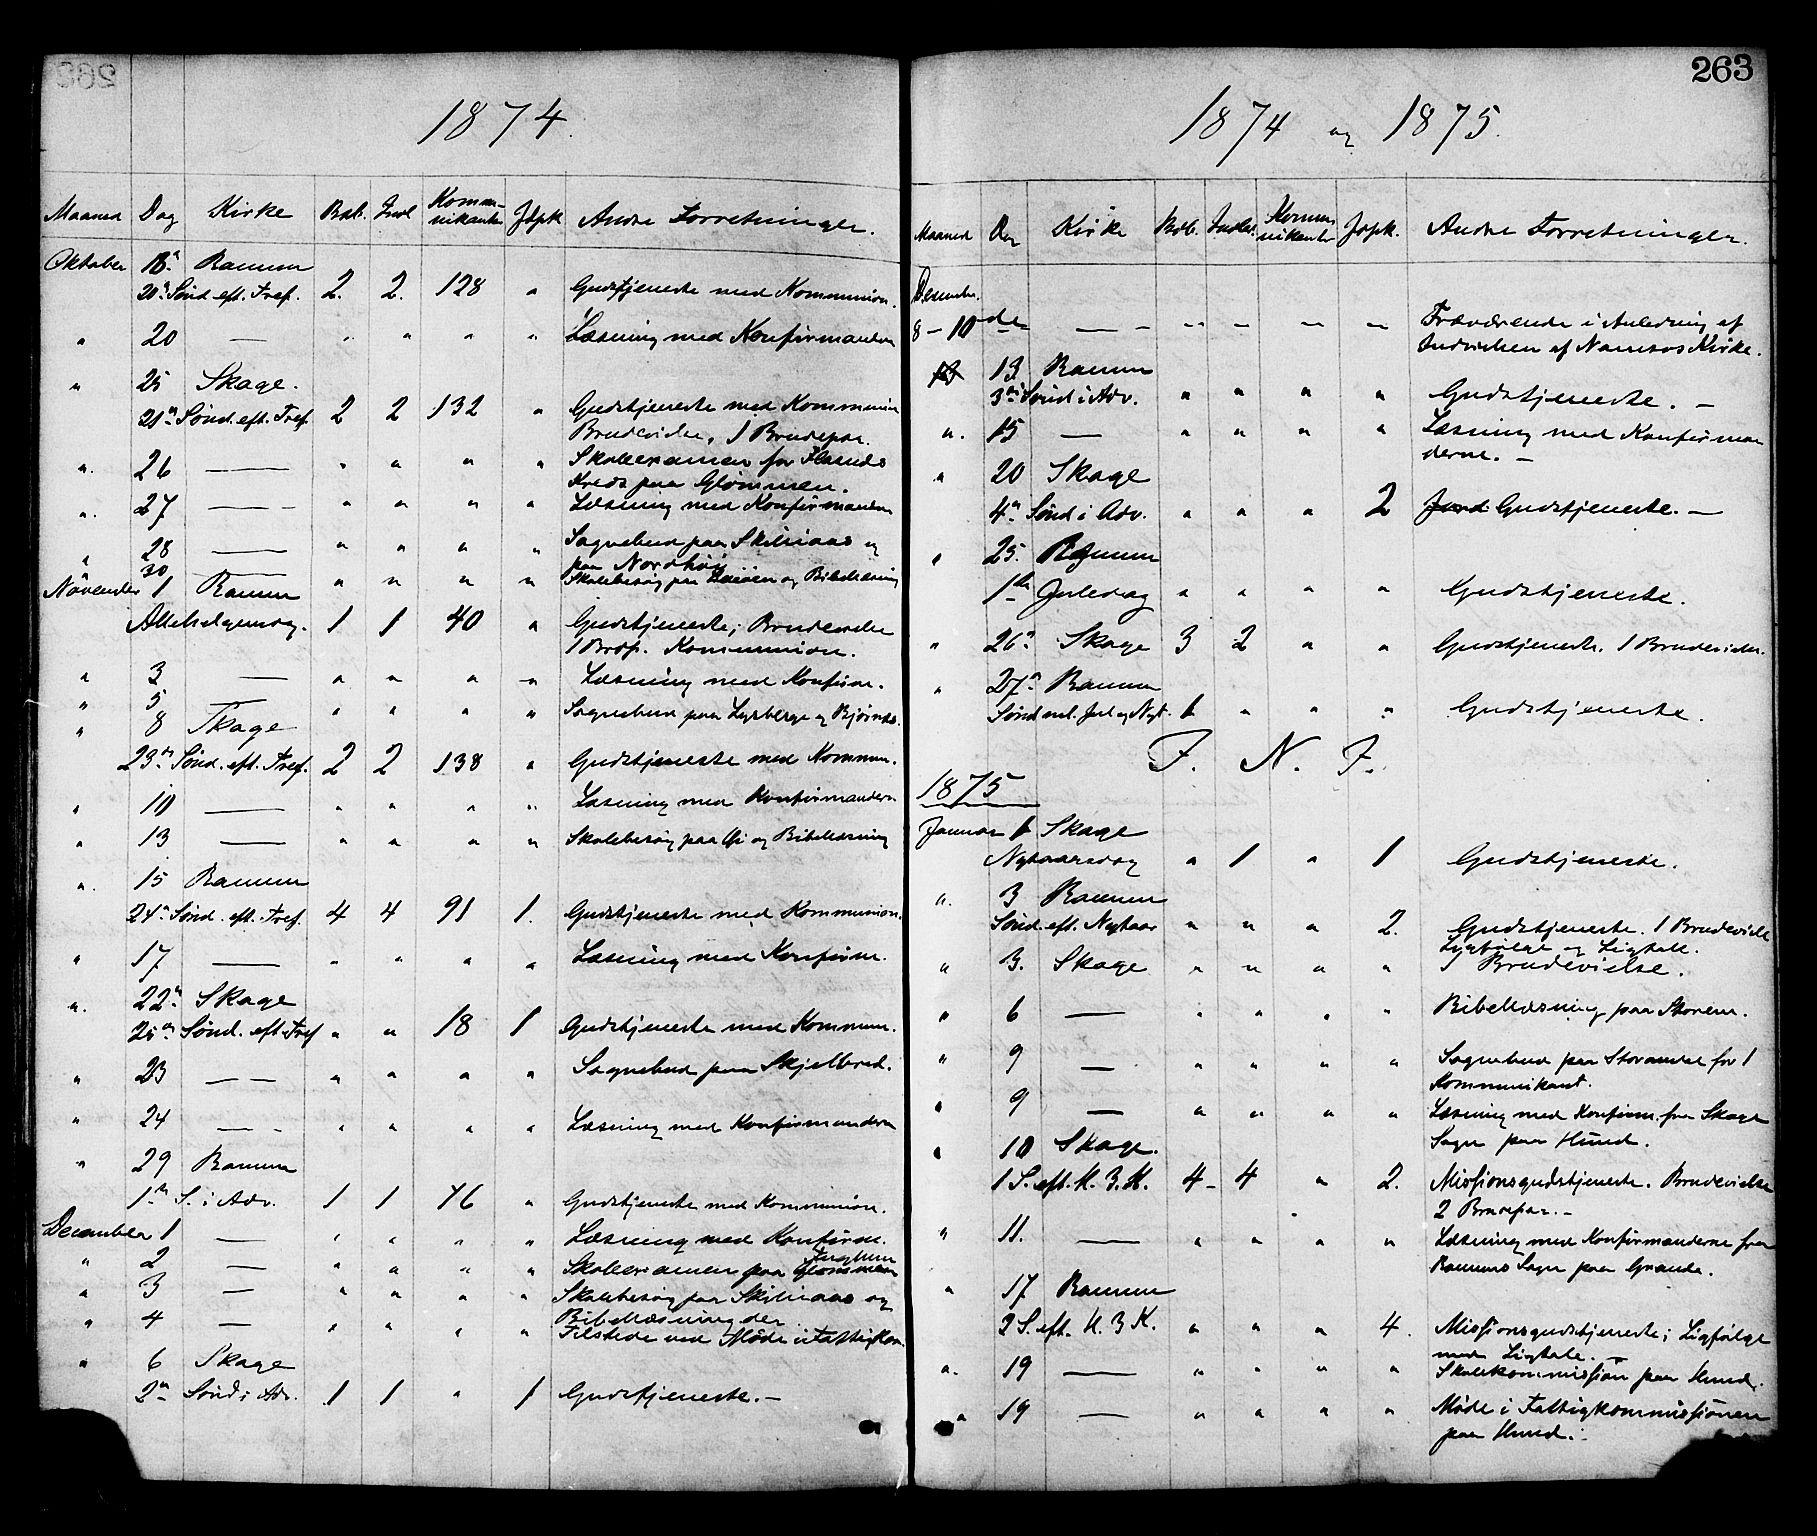 SAT, Ministerialprotokoller, klokkerbøker og fødselsregistre - Nord-Trøndelag, 764/L0554: Ministerialbok nr. 764A09, 1867-1880, s. 263